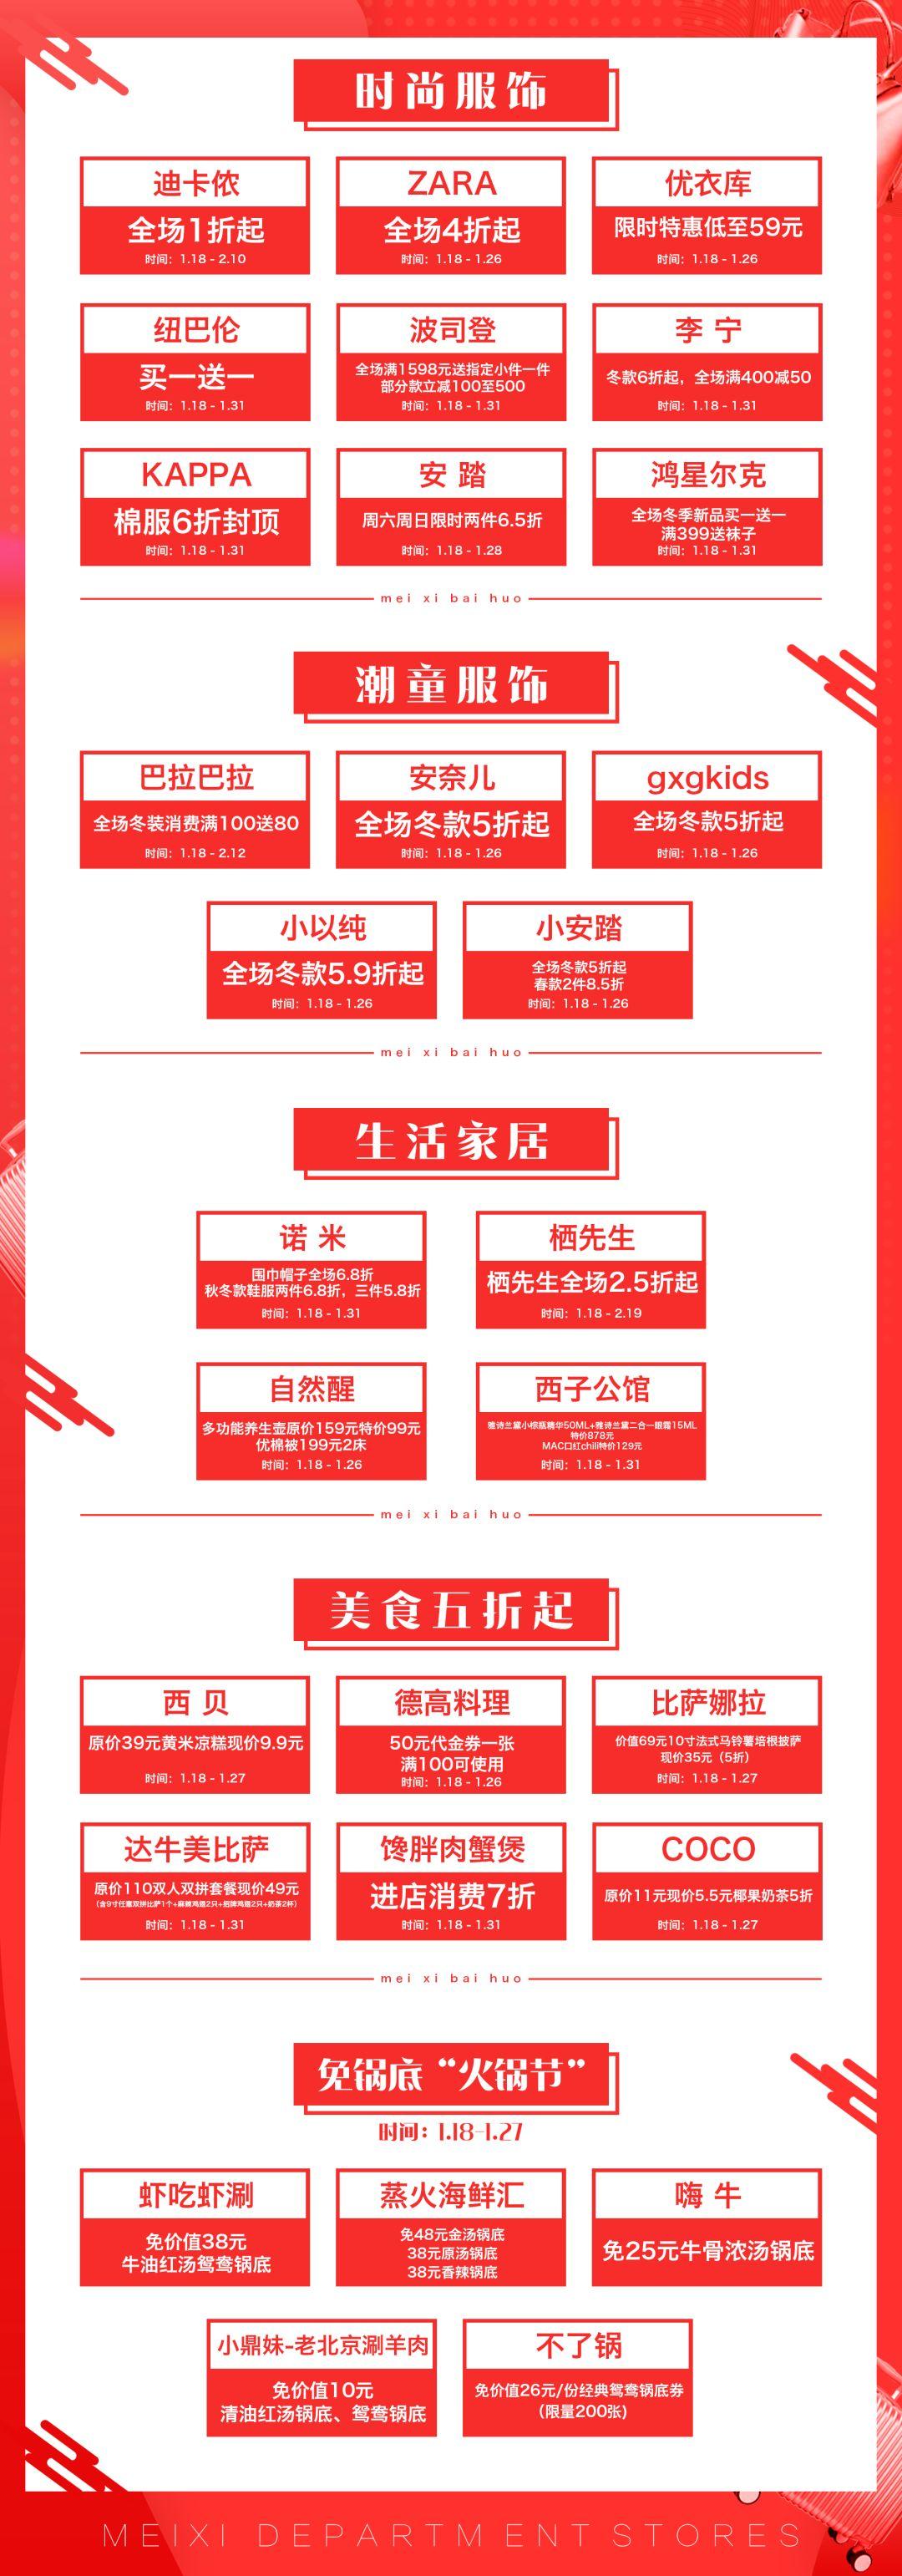 2019长沙梅溪新天地春节活动有哪些?